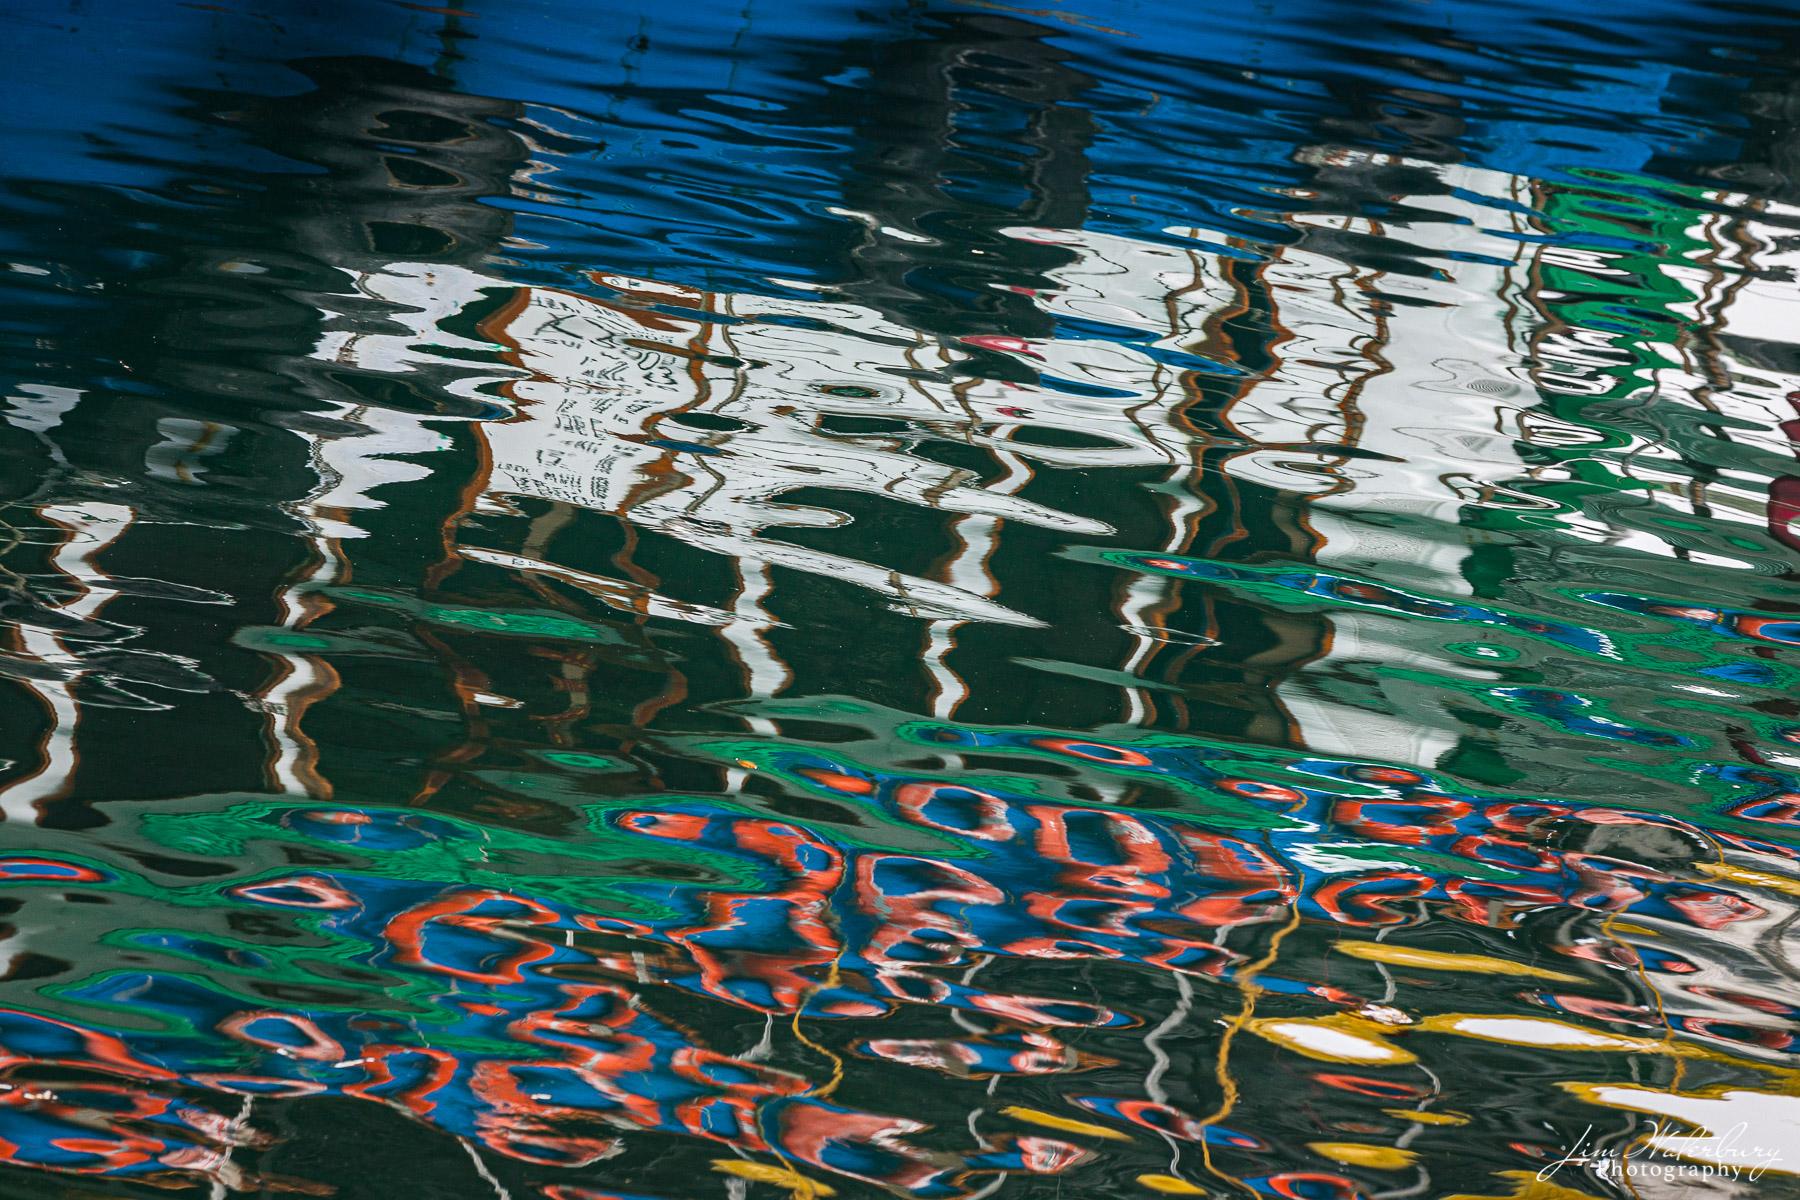 reflections, boats, Sai Kung, Grass Island, Hong Kong, photo